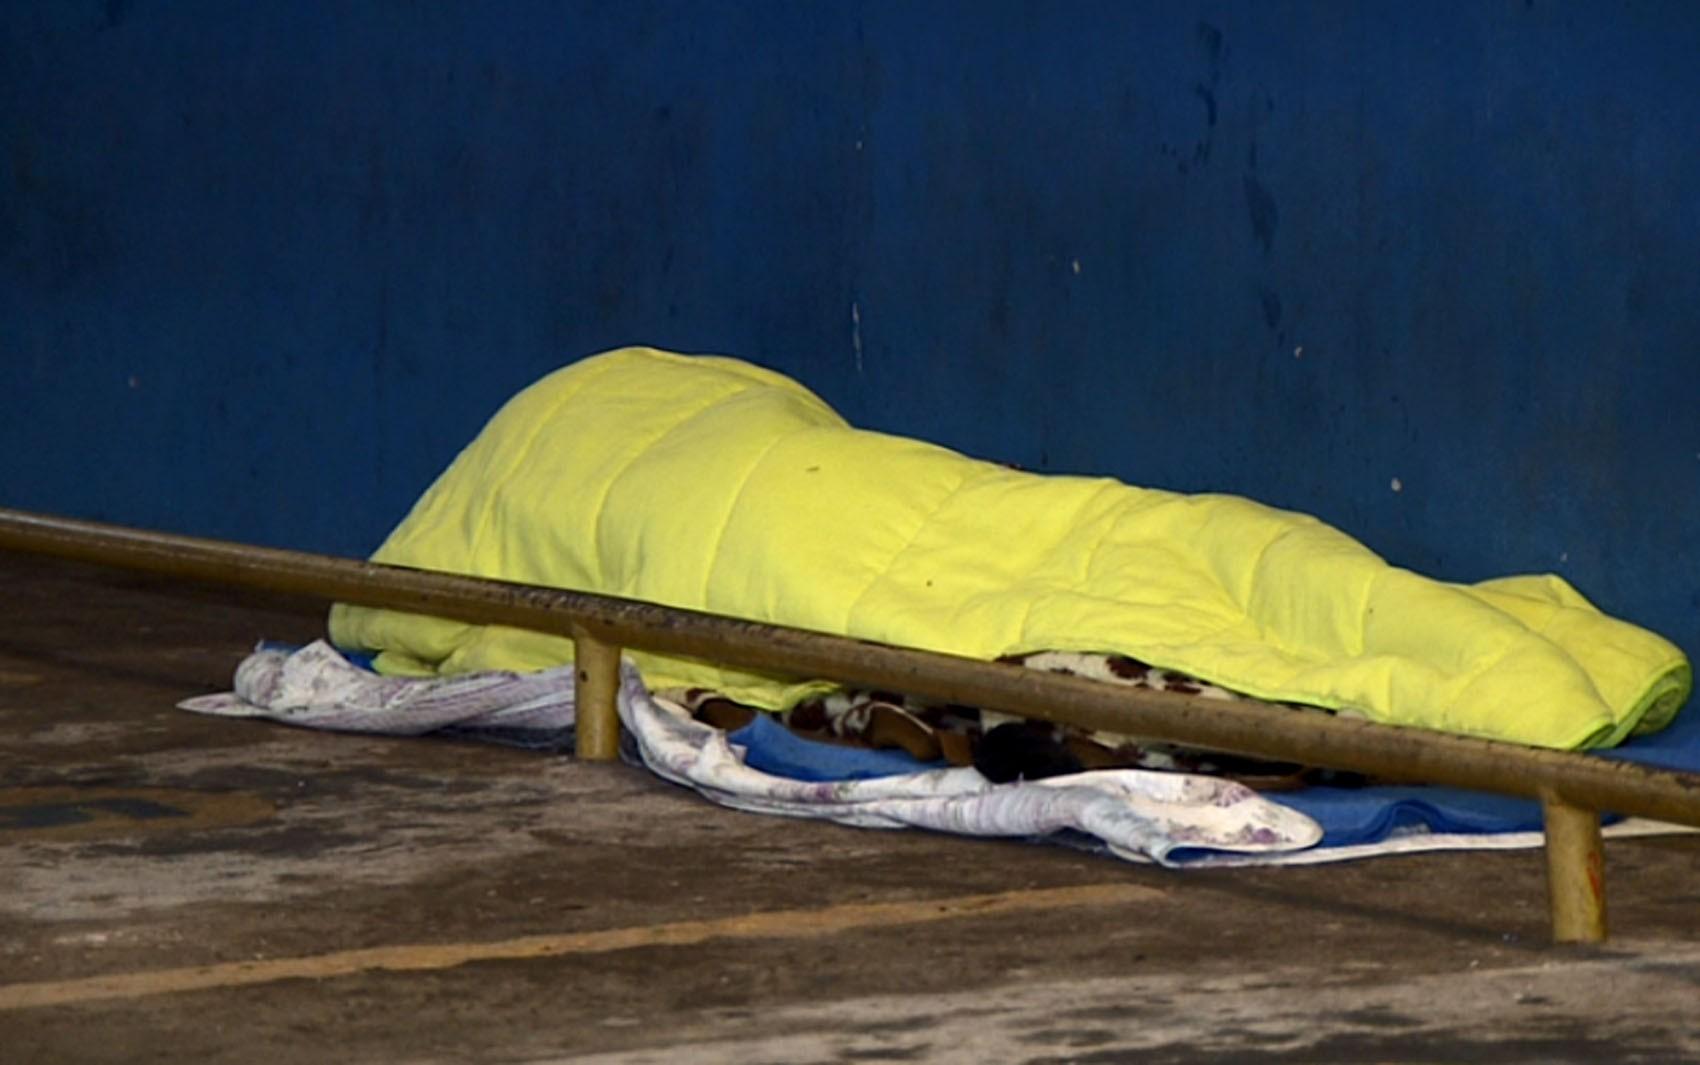 Falta de albergue municipal deixa moradores de rua ao relento nas noites geladas em Americana; veja situação na região - Notícias - Plantão Diário